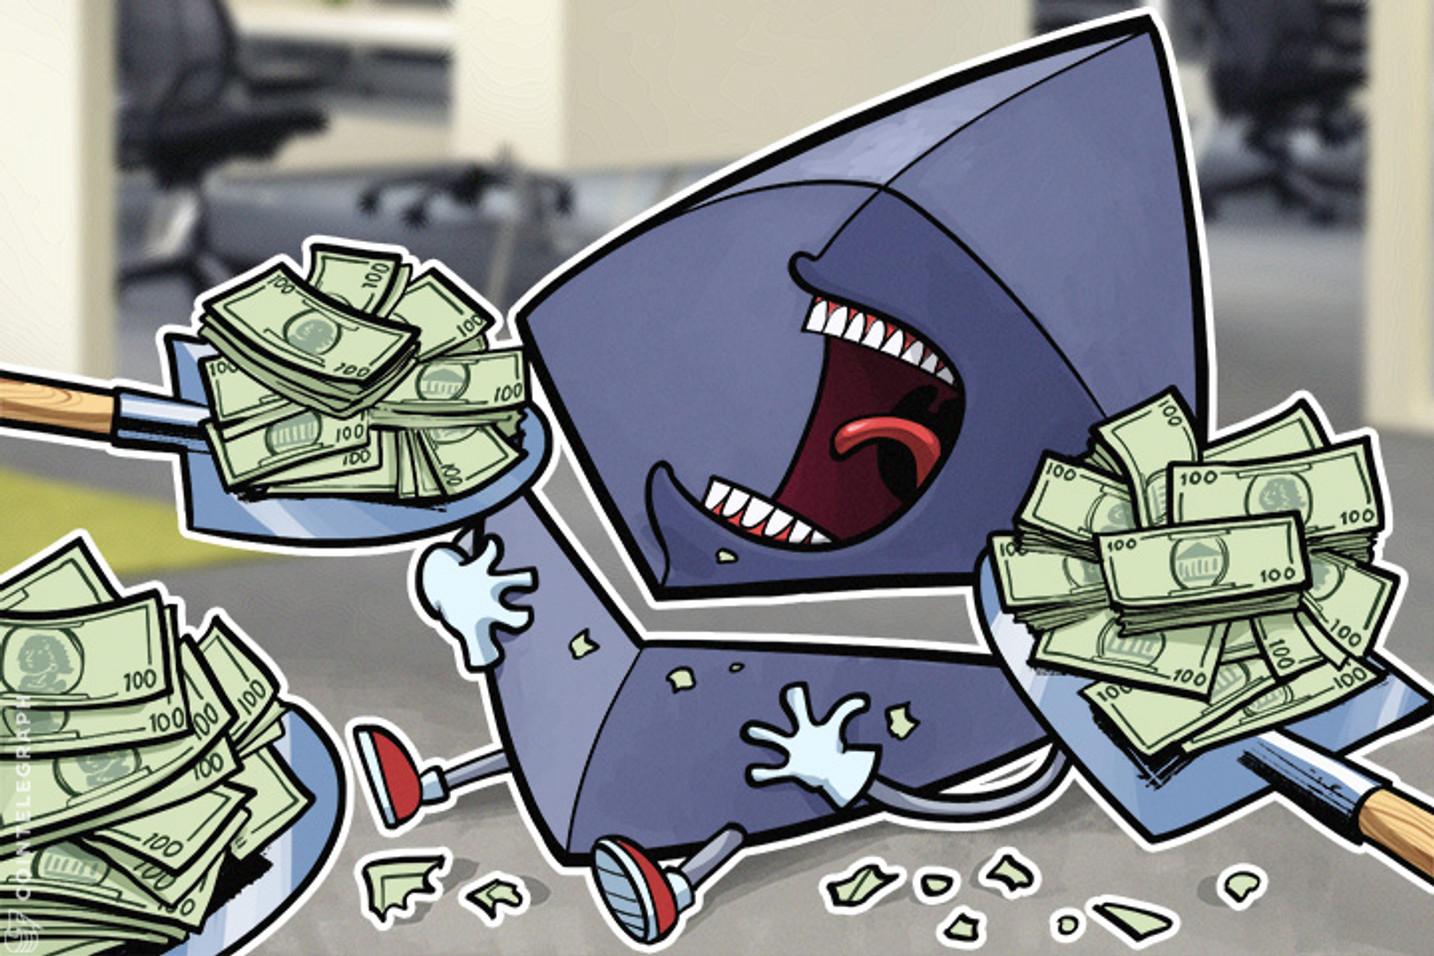 ¿Cómo ayudará una beca de $100 millones al escalamiento de Ethereum?